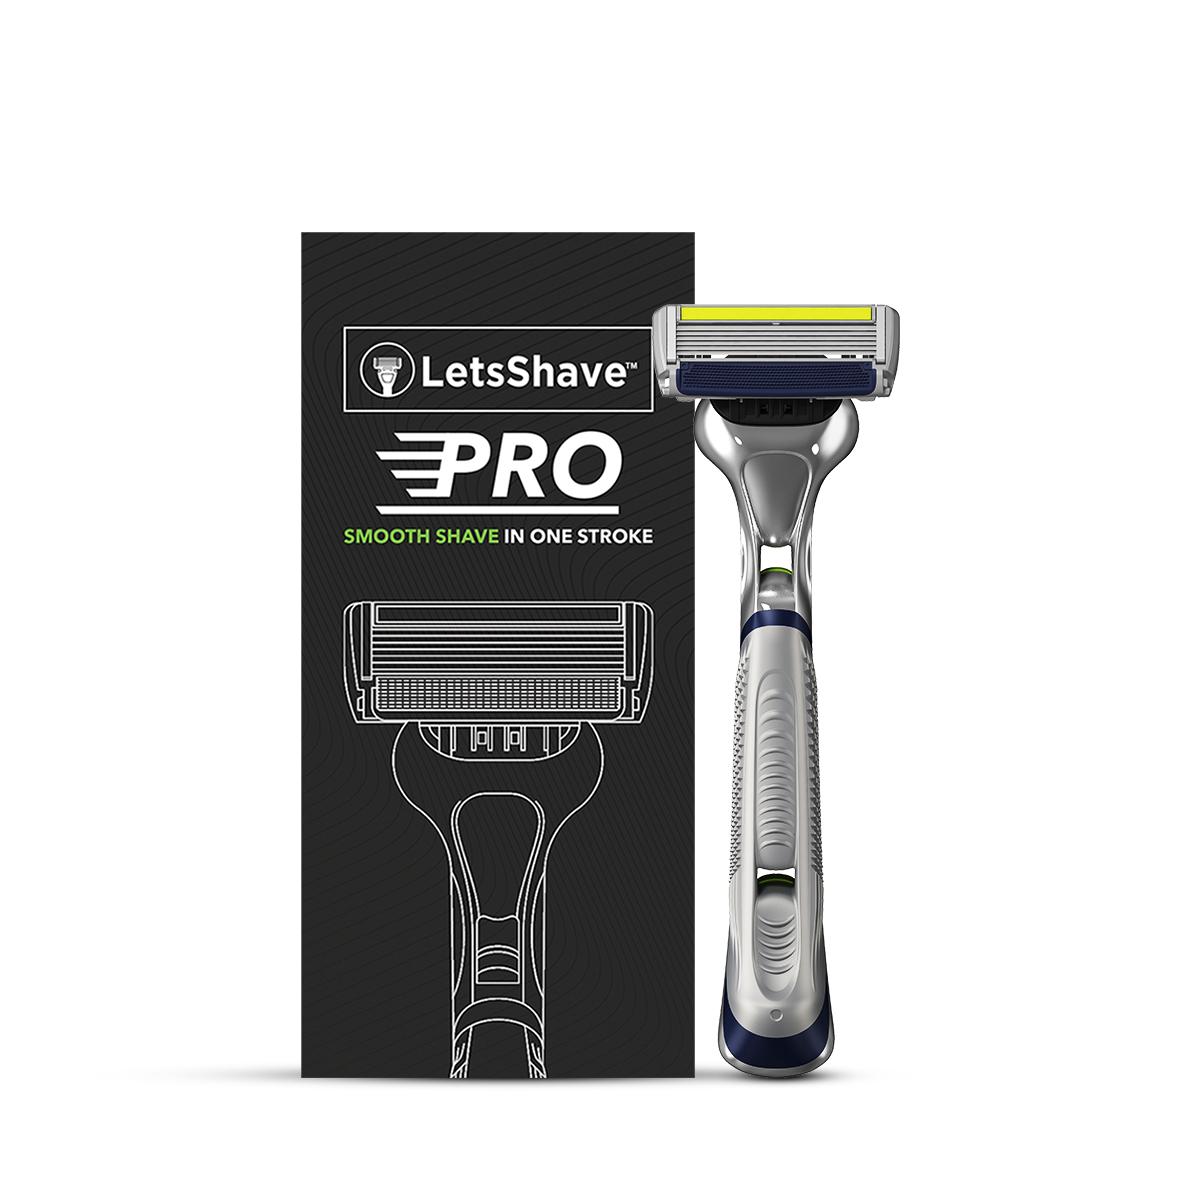 LetsShave | LetsShave Pro 6 Plus Face & Body Shaving Razor for Men